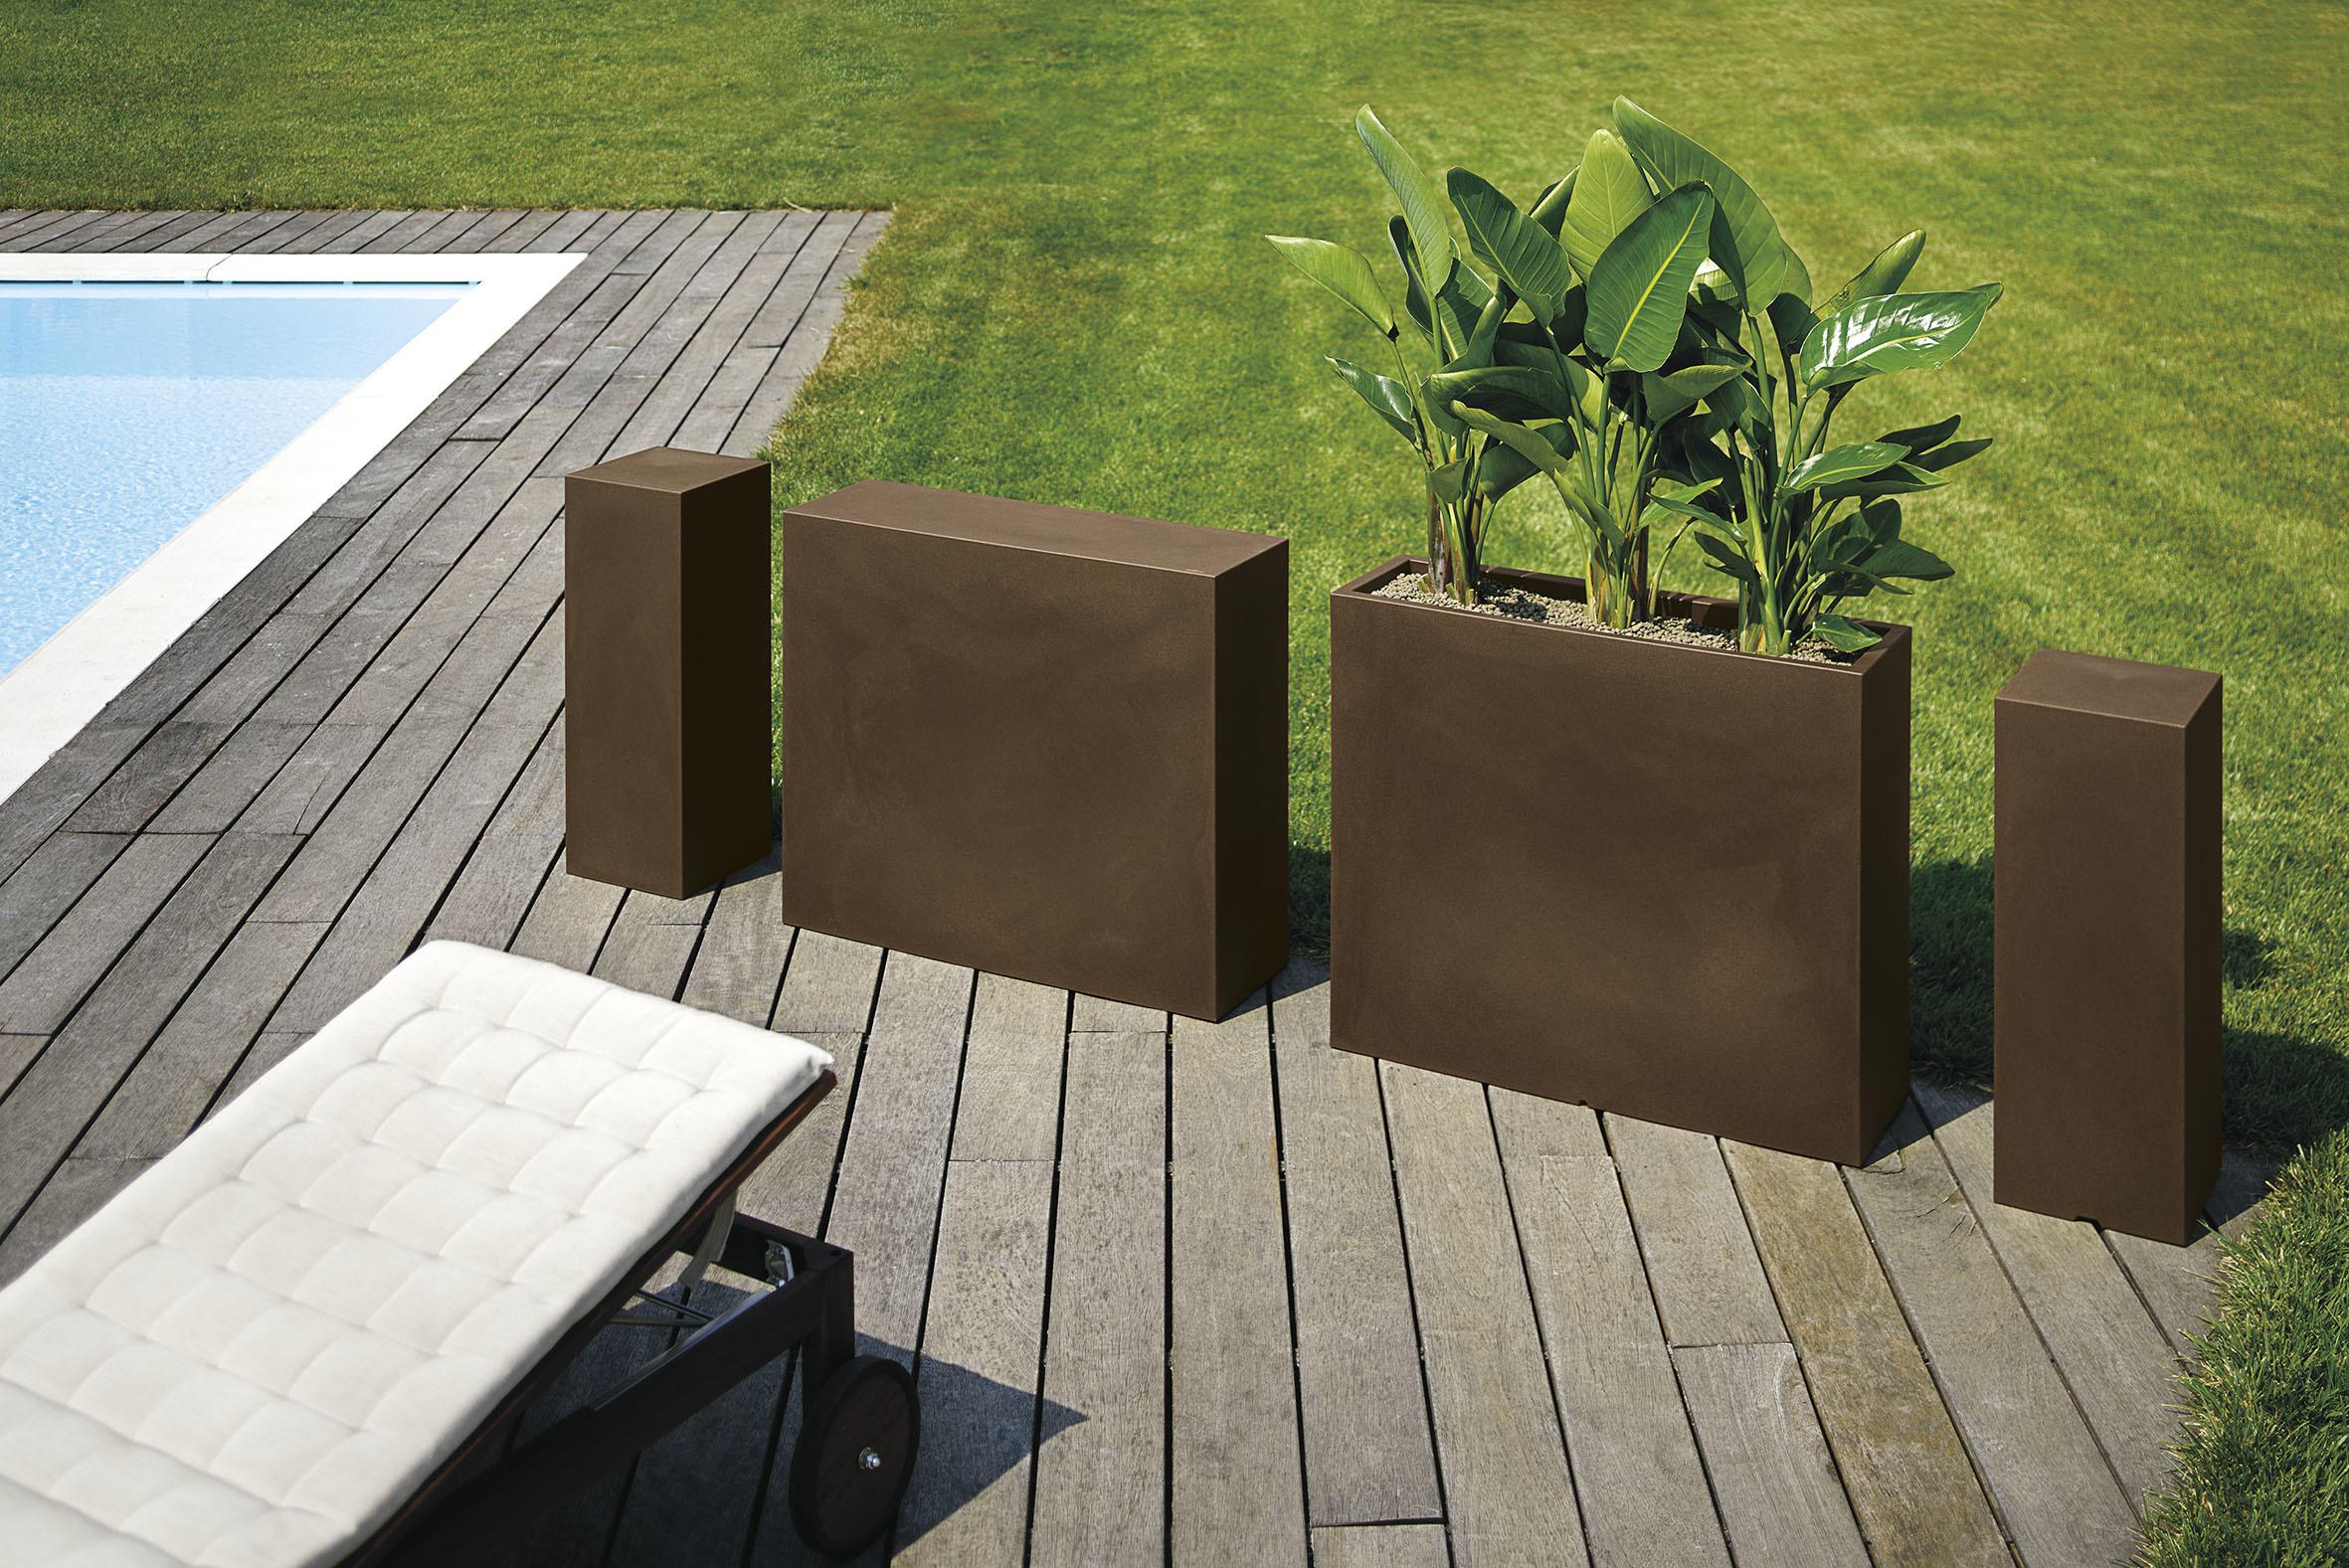 jardini re haute kube. Black Bedroom Furniture Sets. Home Design Ideas